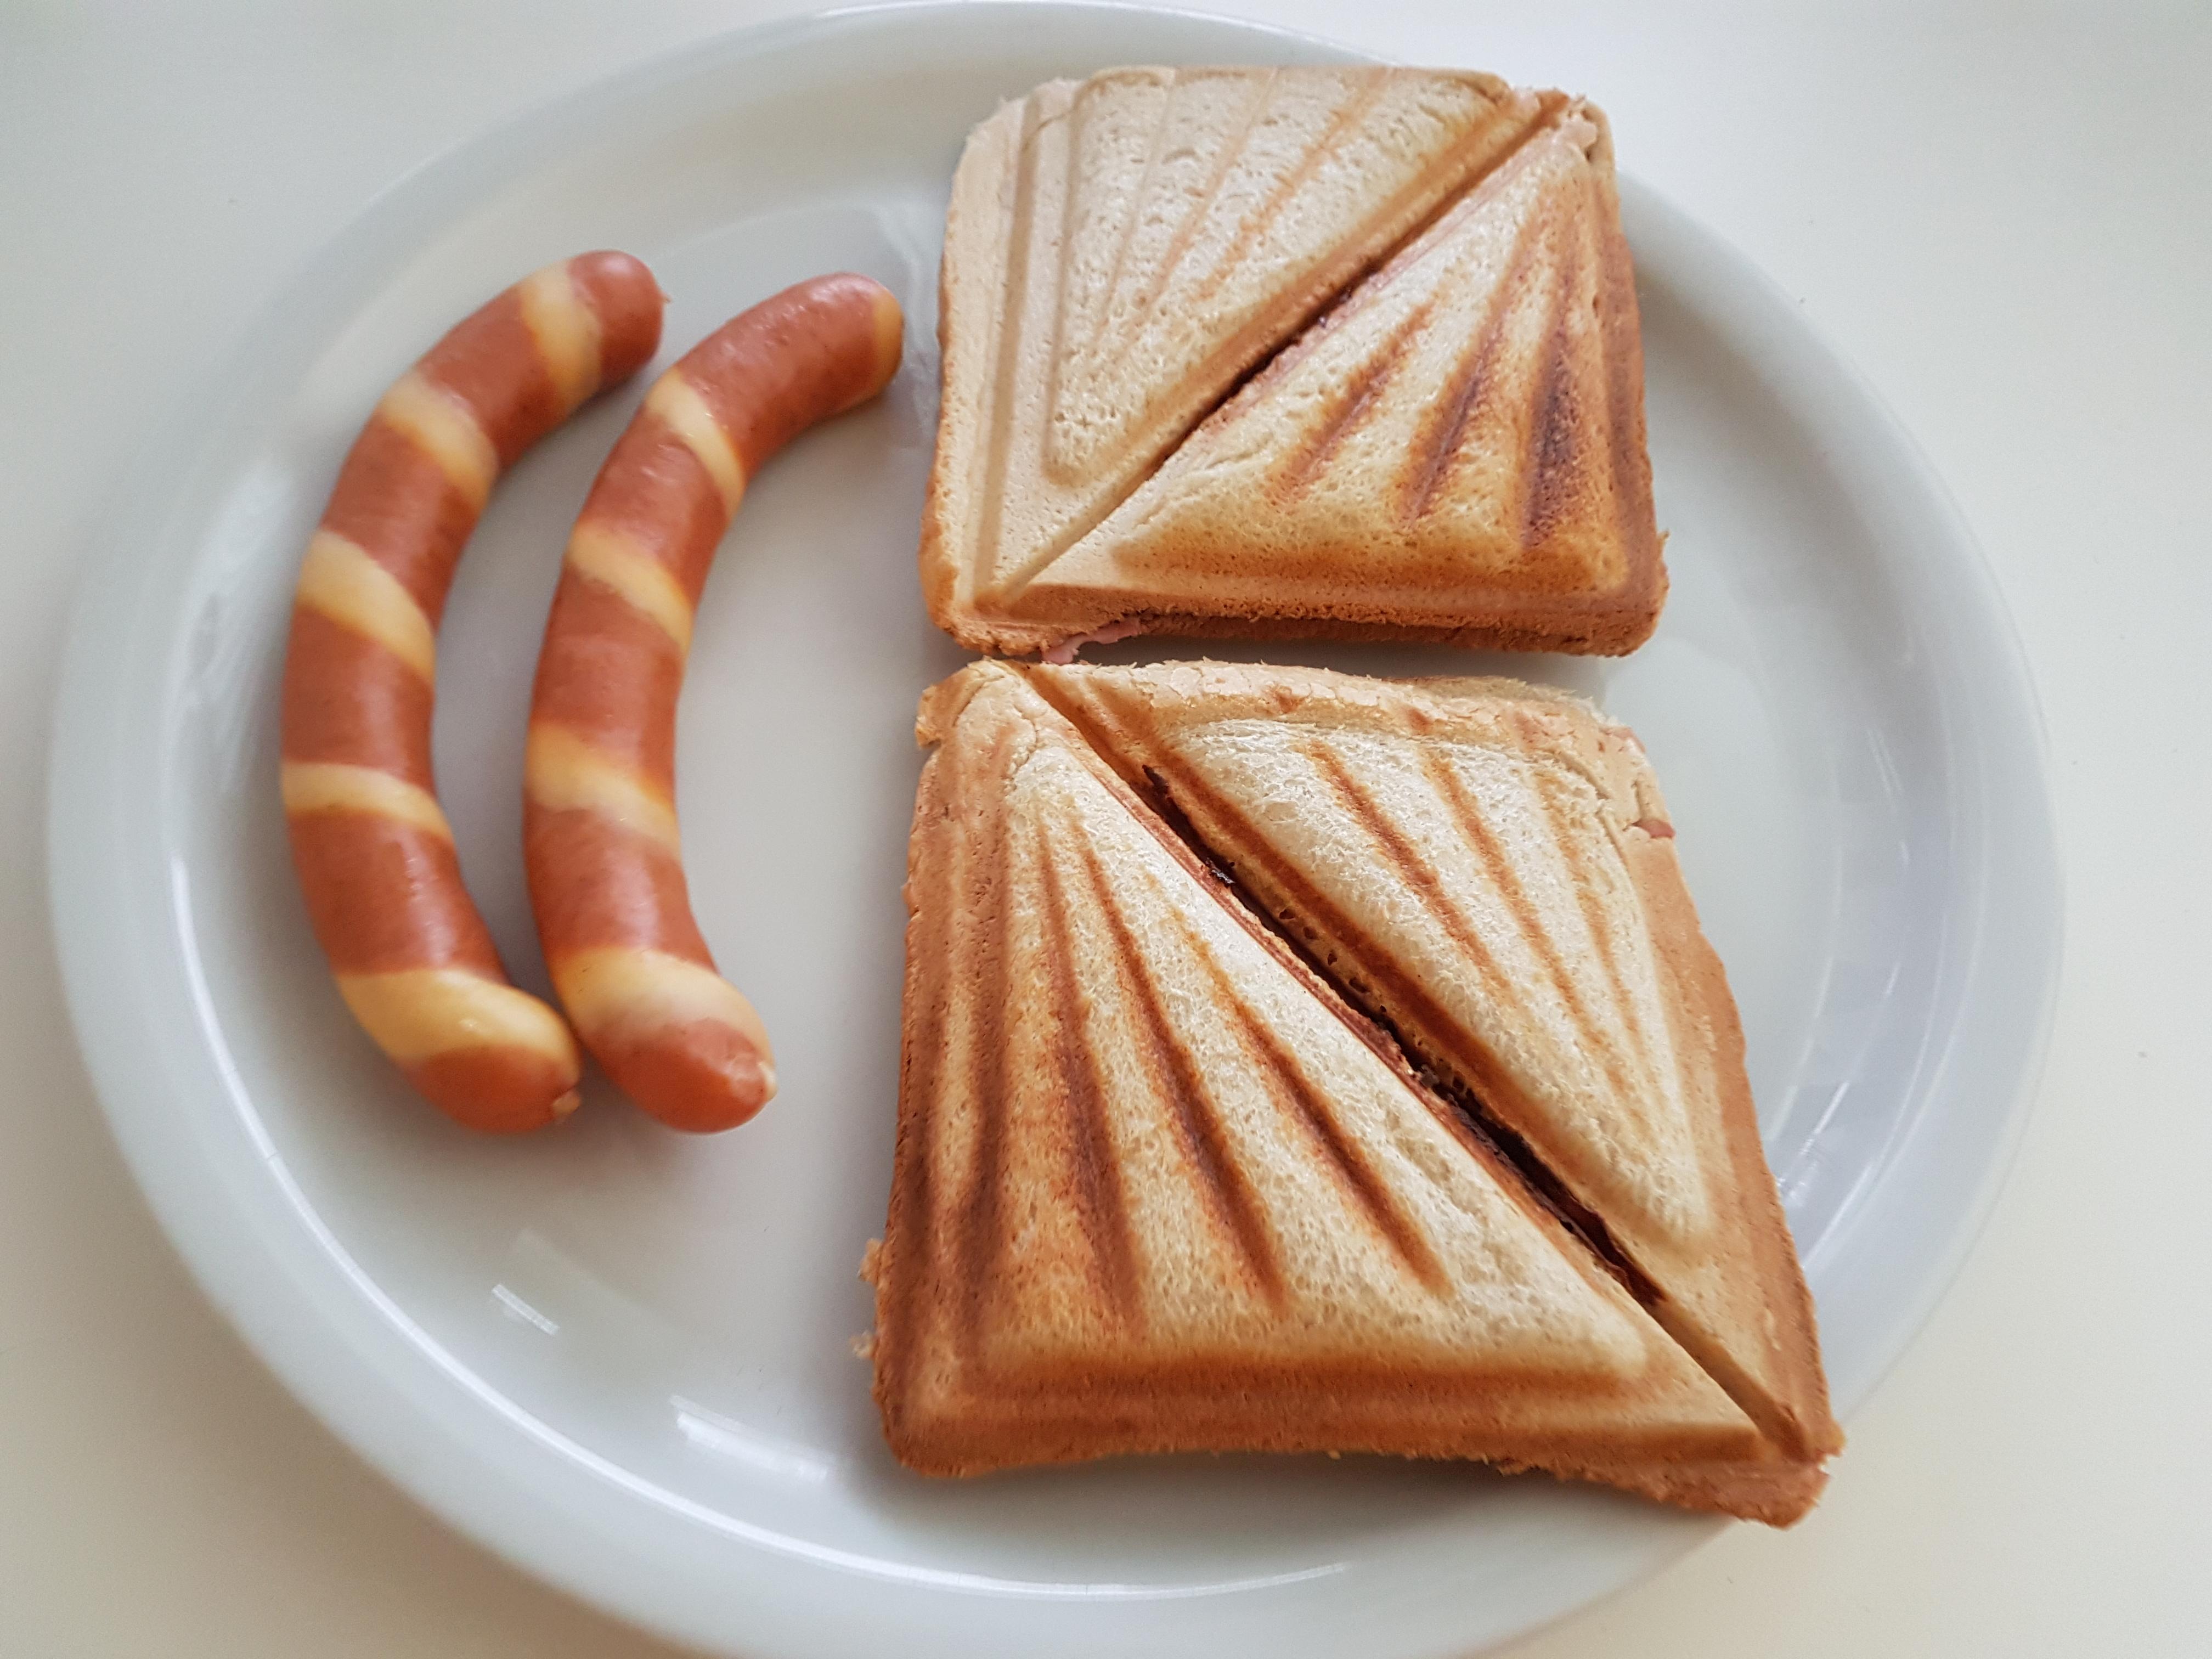 https://foodloader.net/Holz_2018-05-13_Gstreifte_und_Sandwiches.jpg